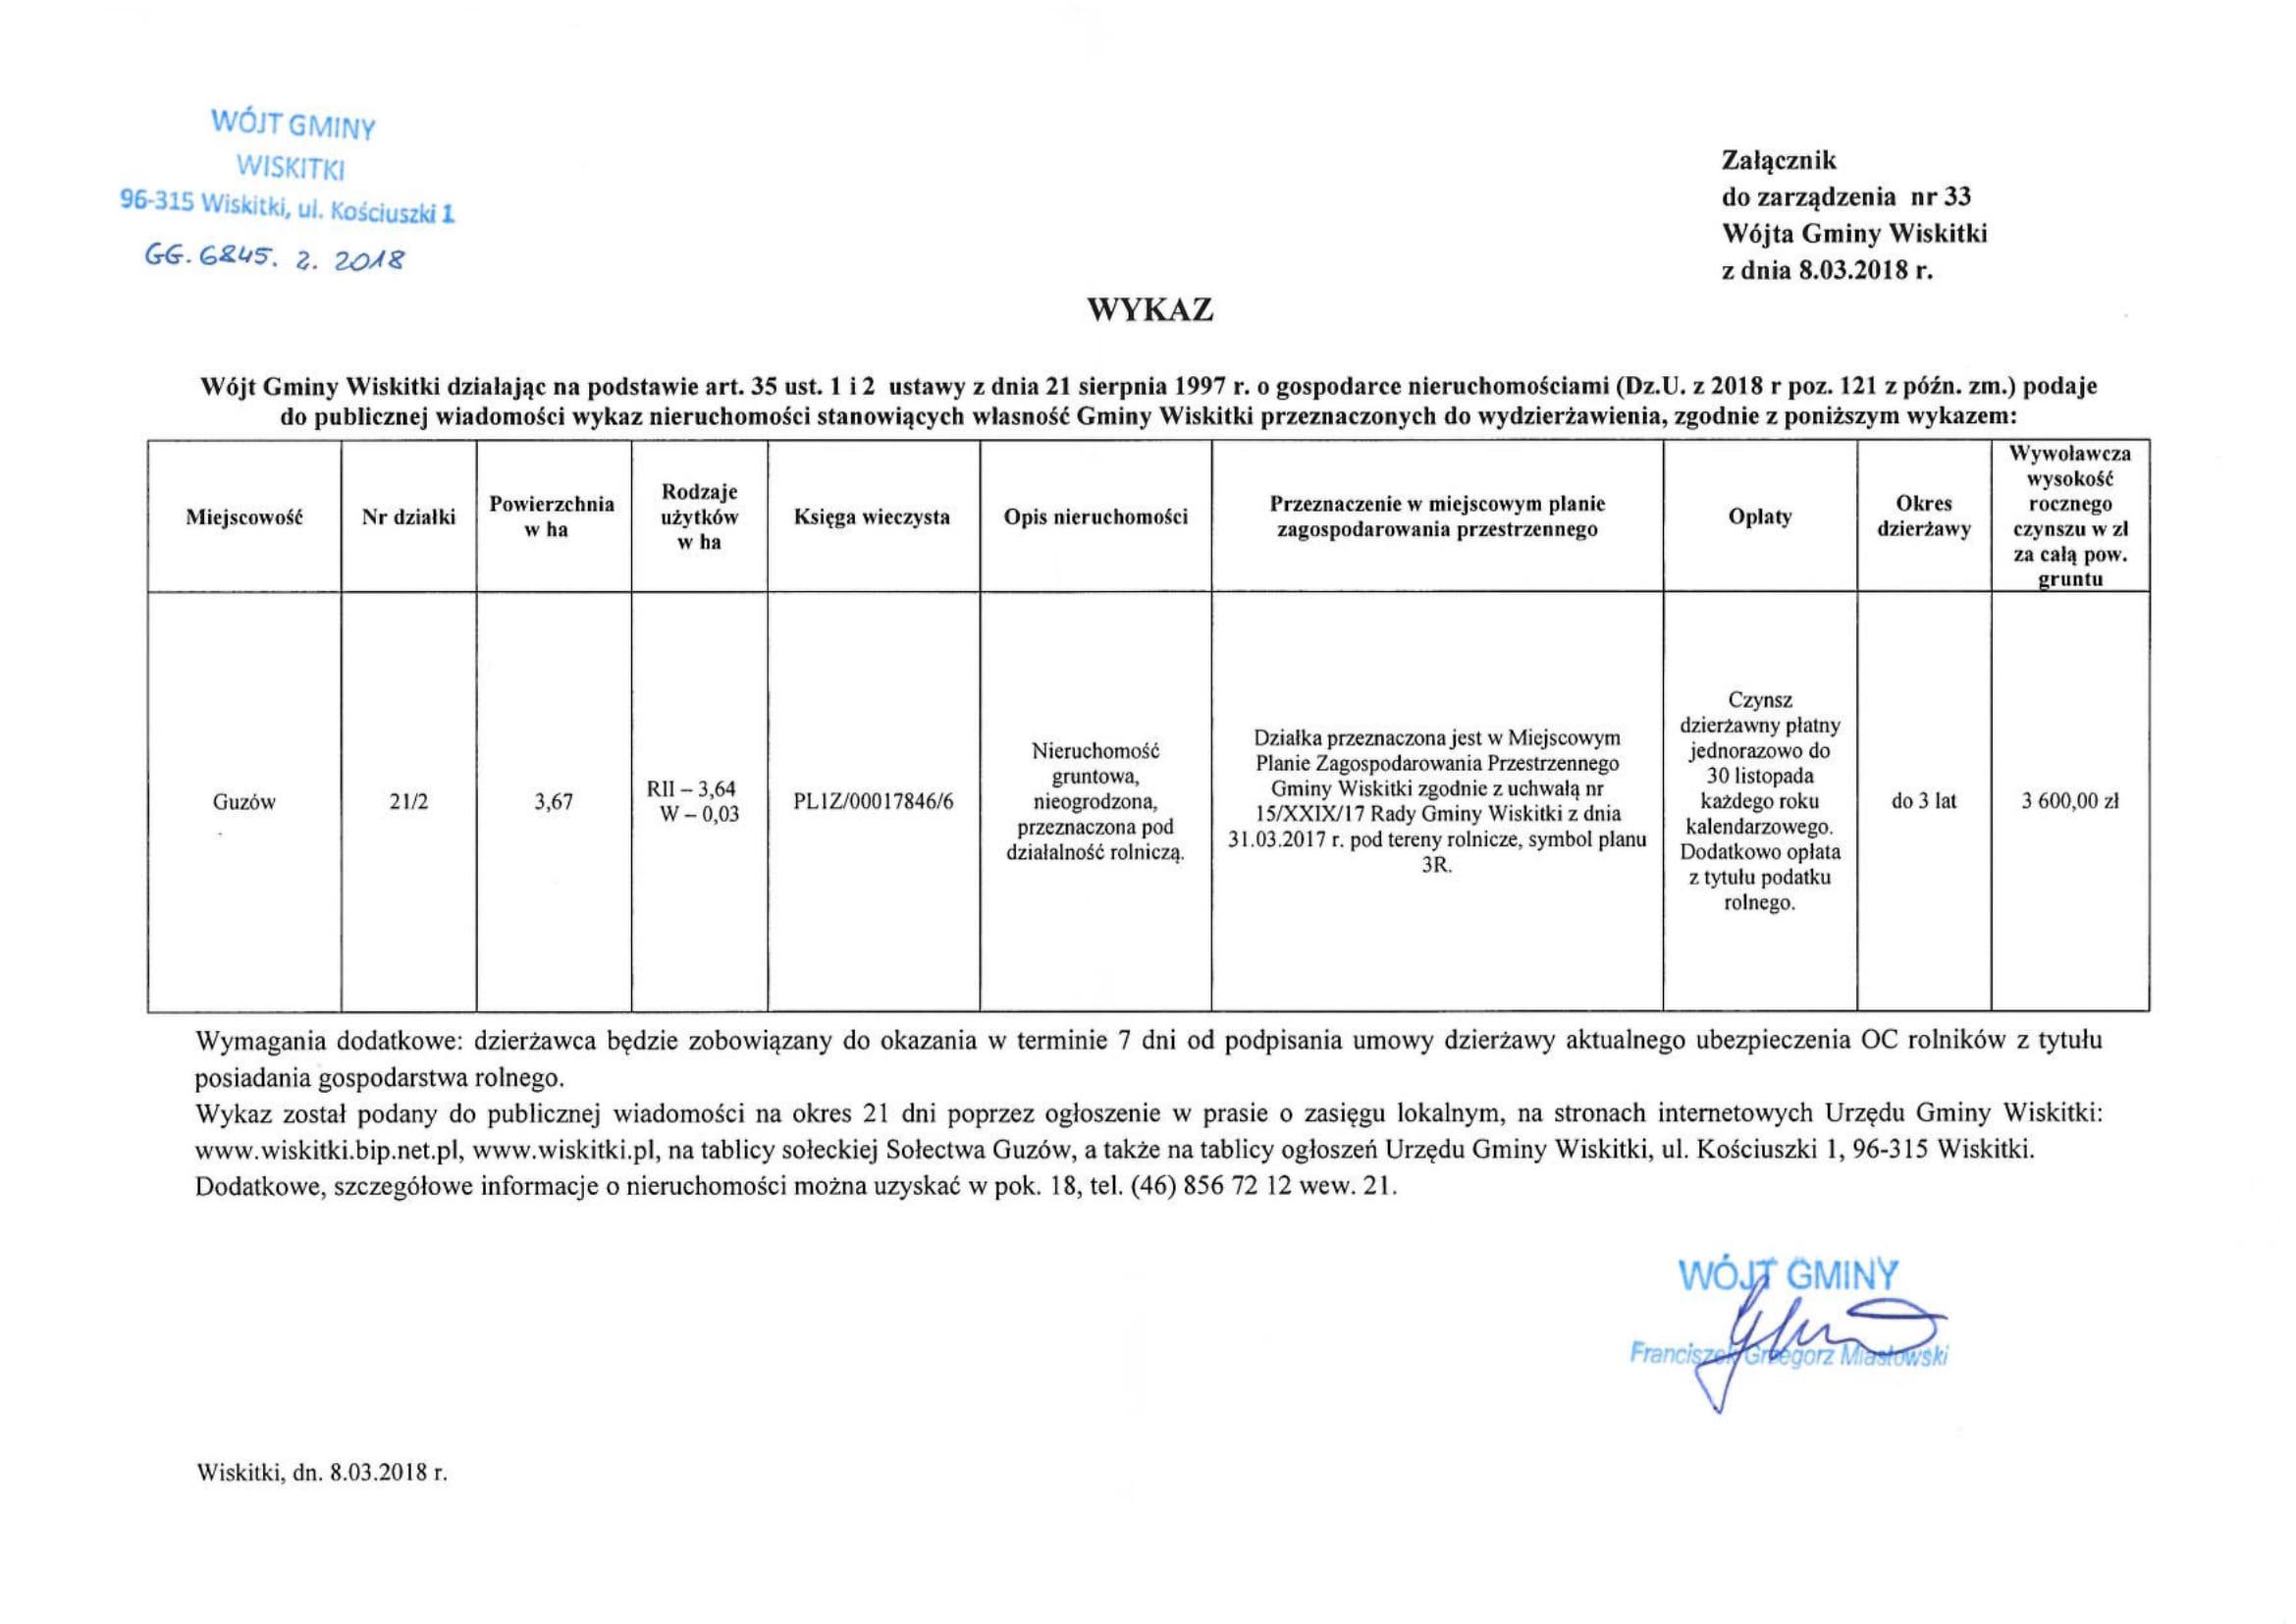 Wykaz nieruchomości do wydzierżawienia dz. 21_2 Guzów-1